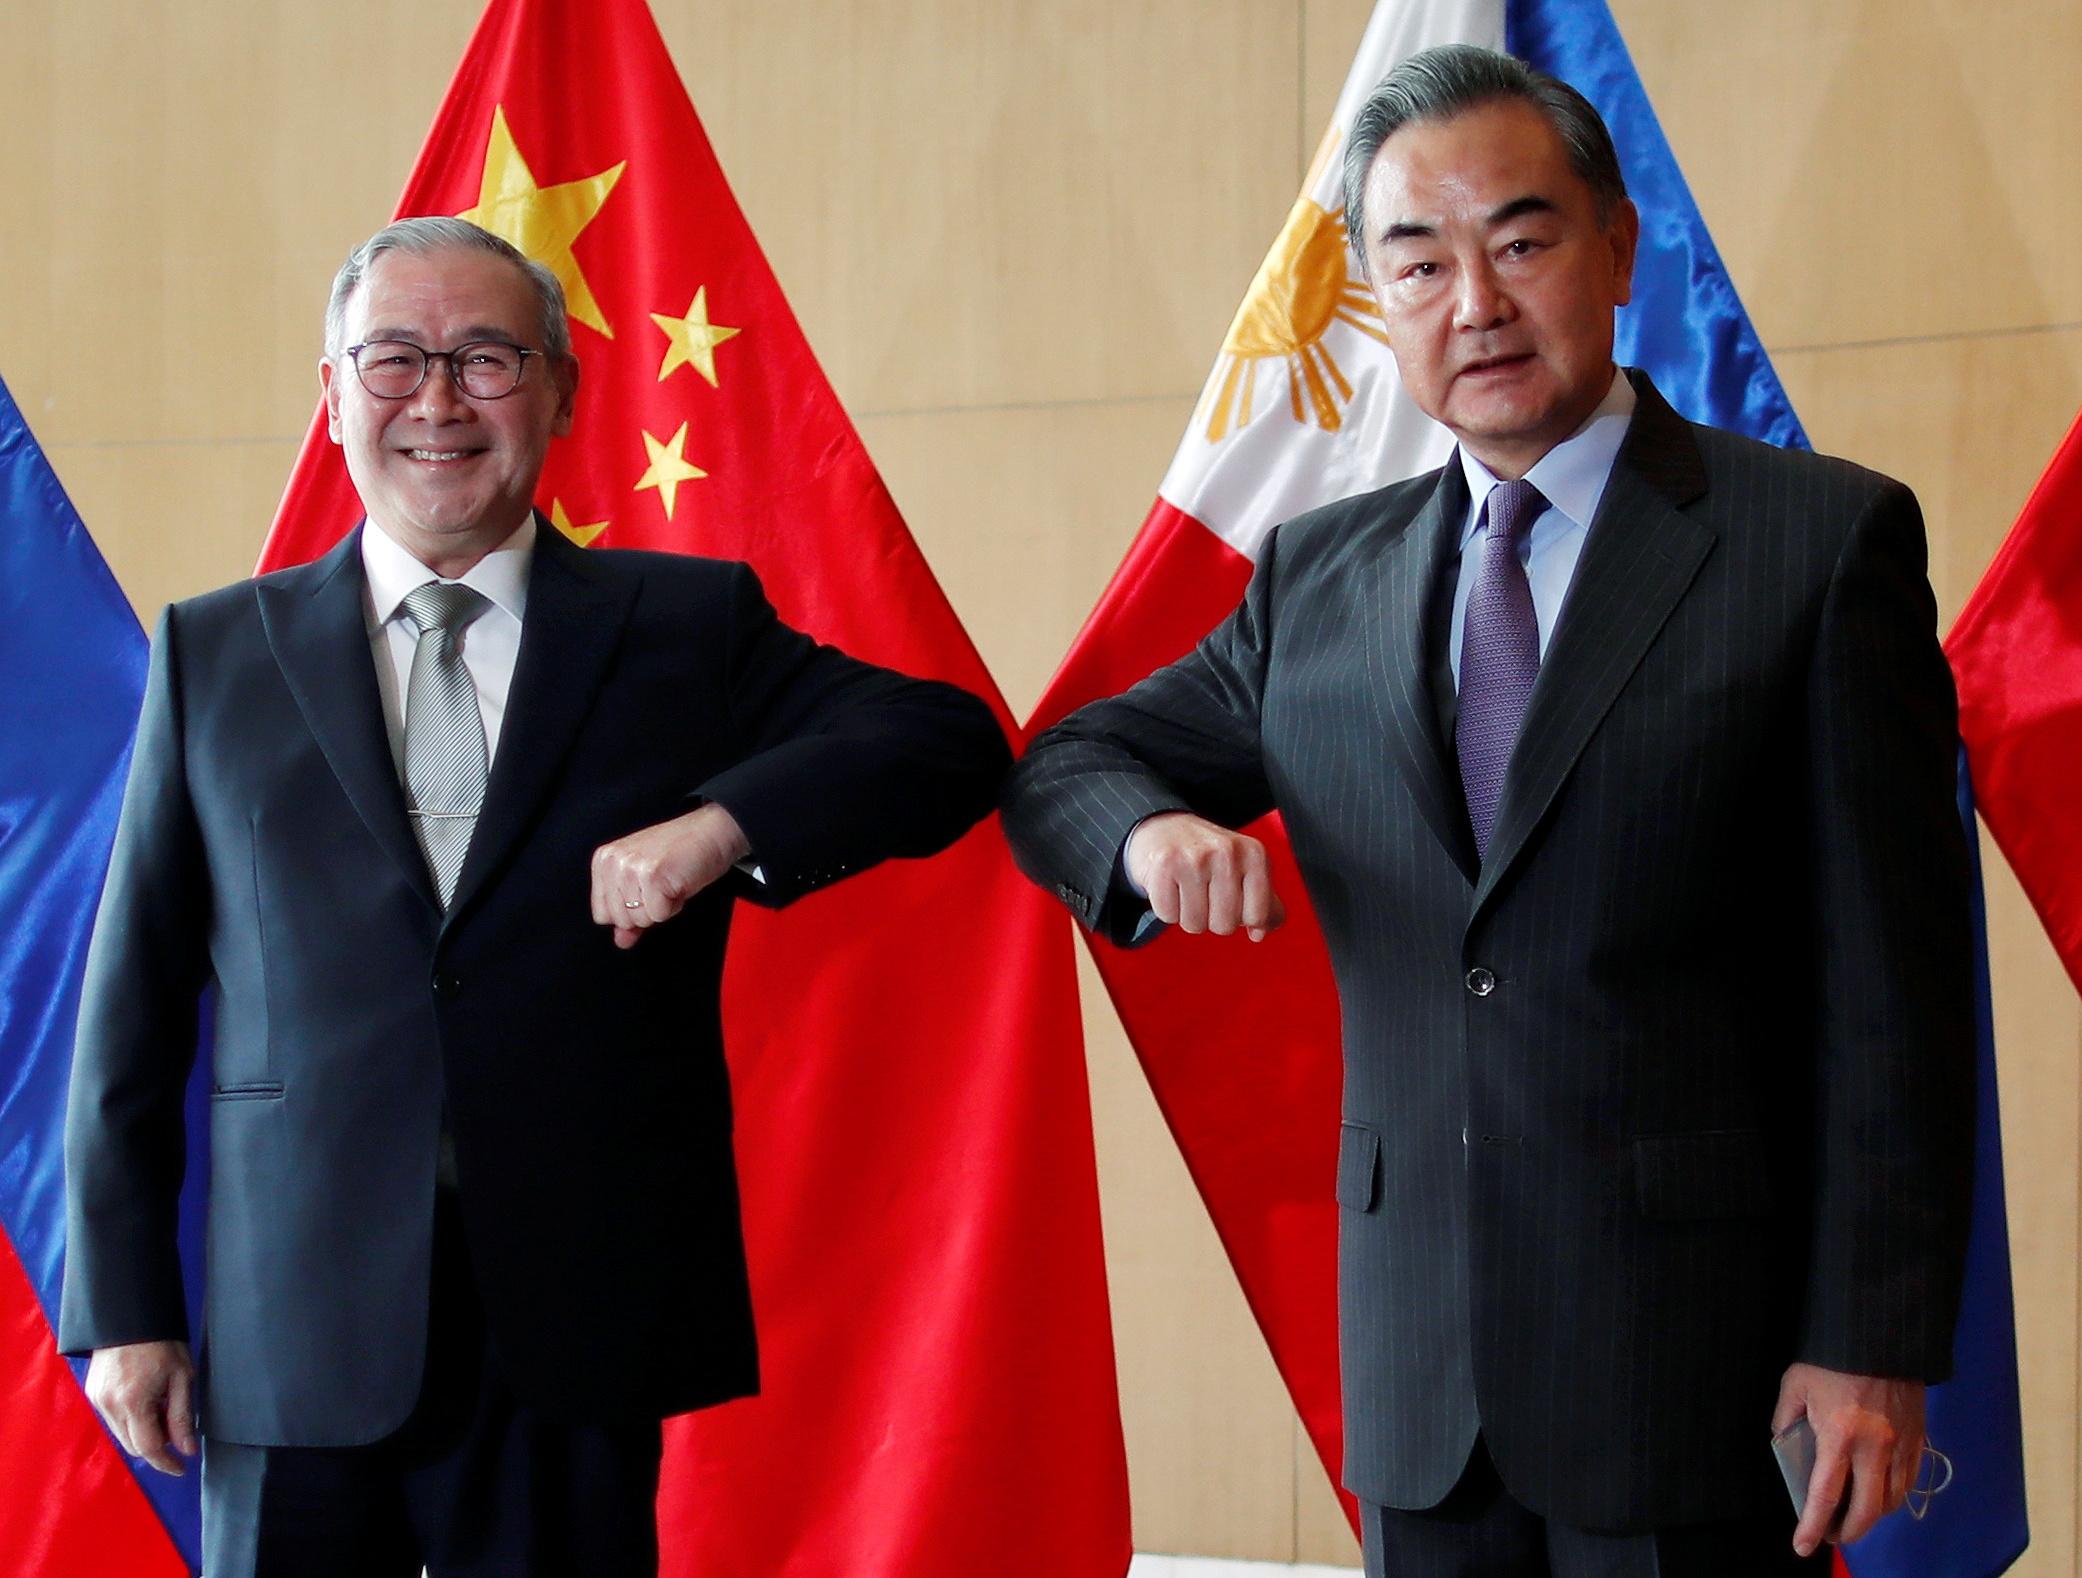 王毅(右)与菲律宾外长洛钦会谈,承诺捐赠50万剂新冠疫苗。-路透社-